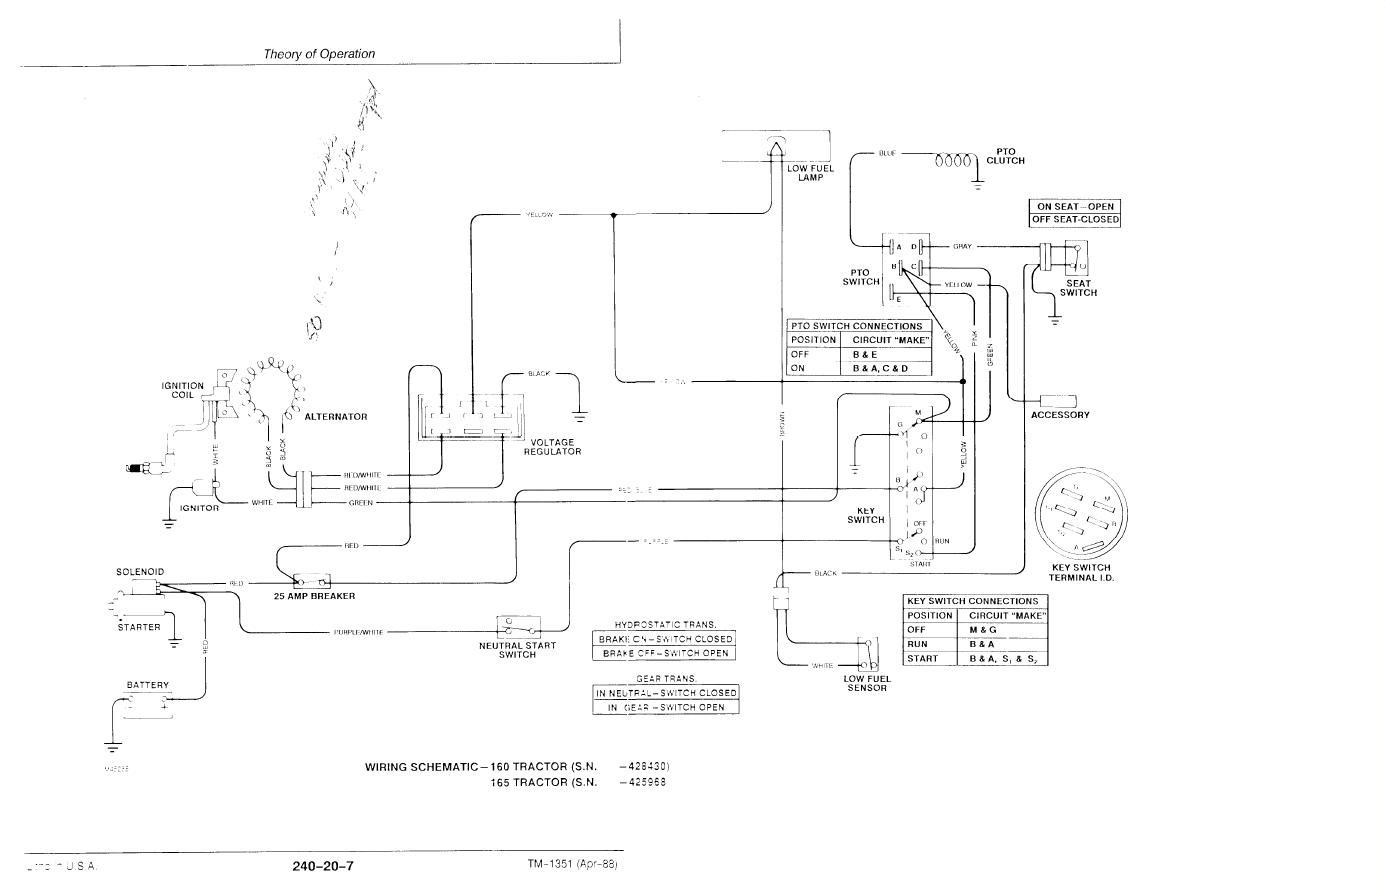 John Deere Lt155 Wiring Schematic John Deere L110 Wiring Schematic Free Wiring Diagram